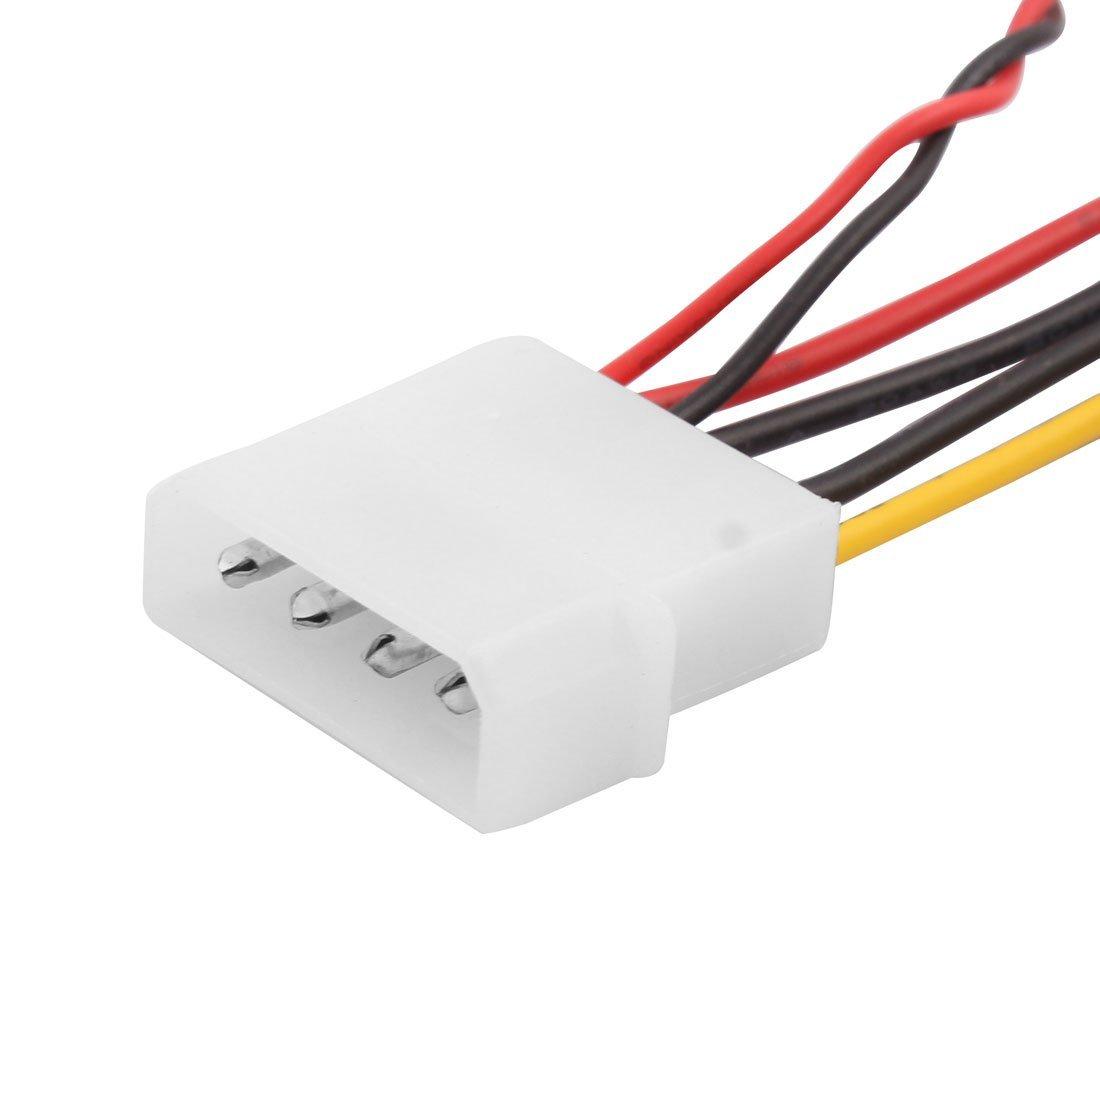 ... cerradura del tapón del extremo conector de G1 / 4 pulgadas de rosca Digital de temperatura de refrigeración del agua del termómetro: Electronics